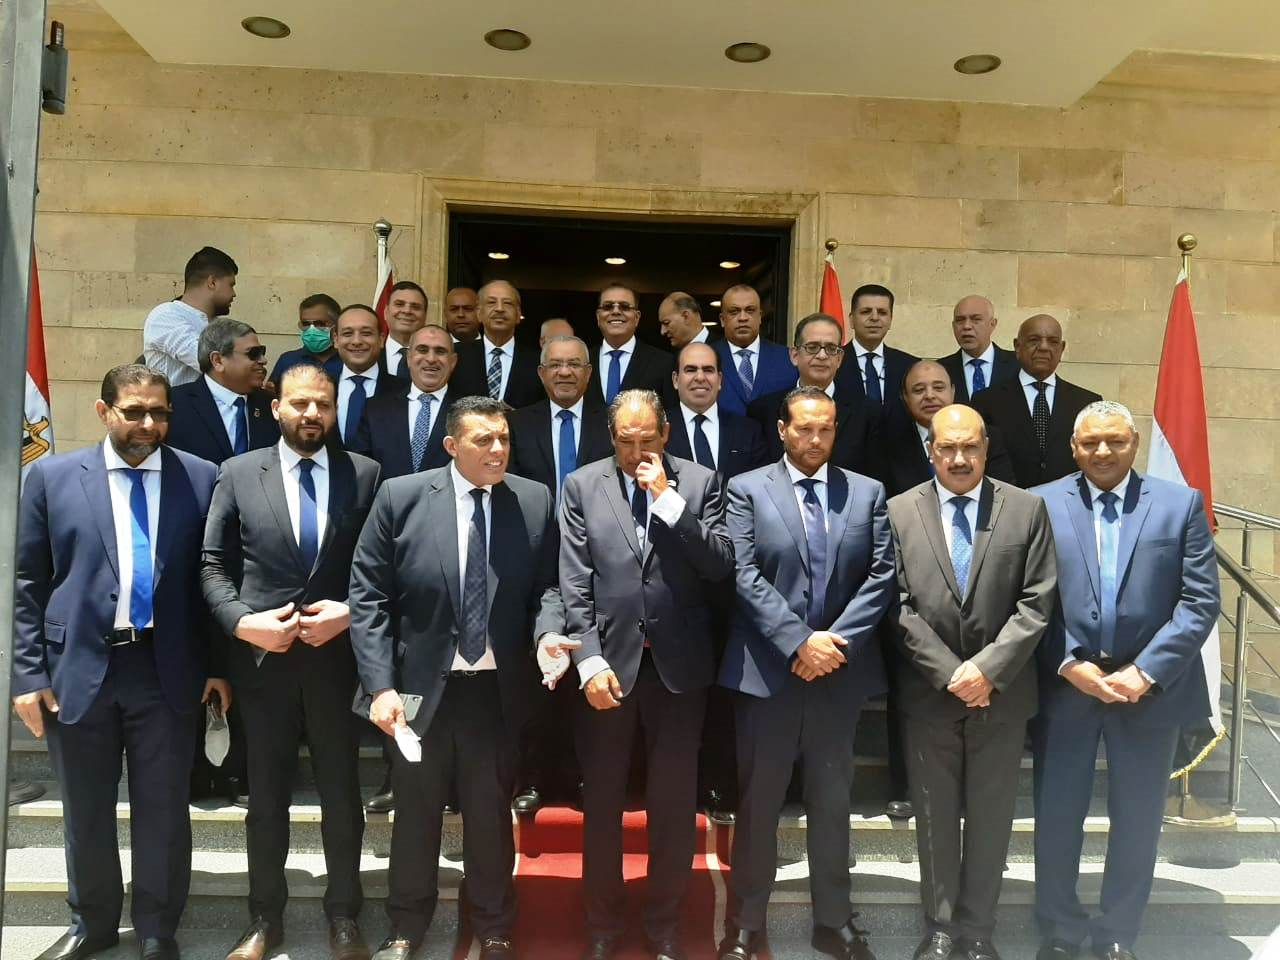 القائمة الوطنية من أجل مصر (2)